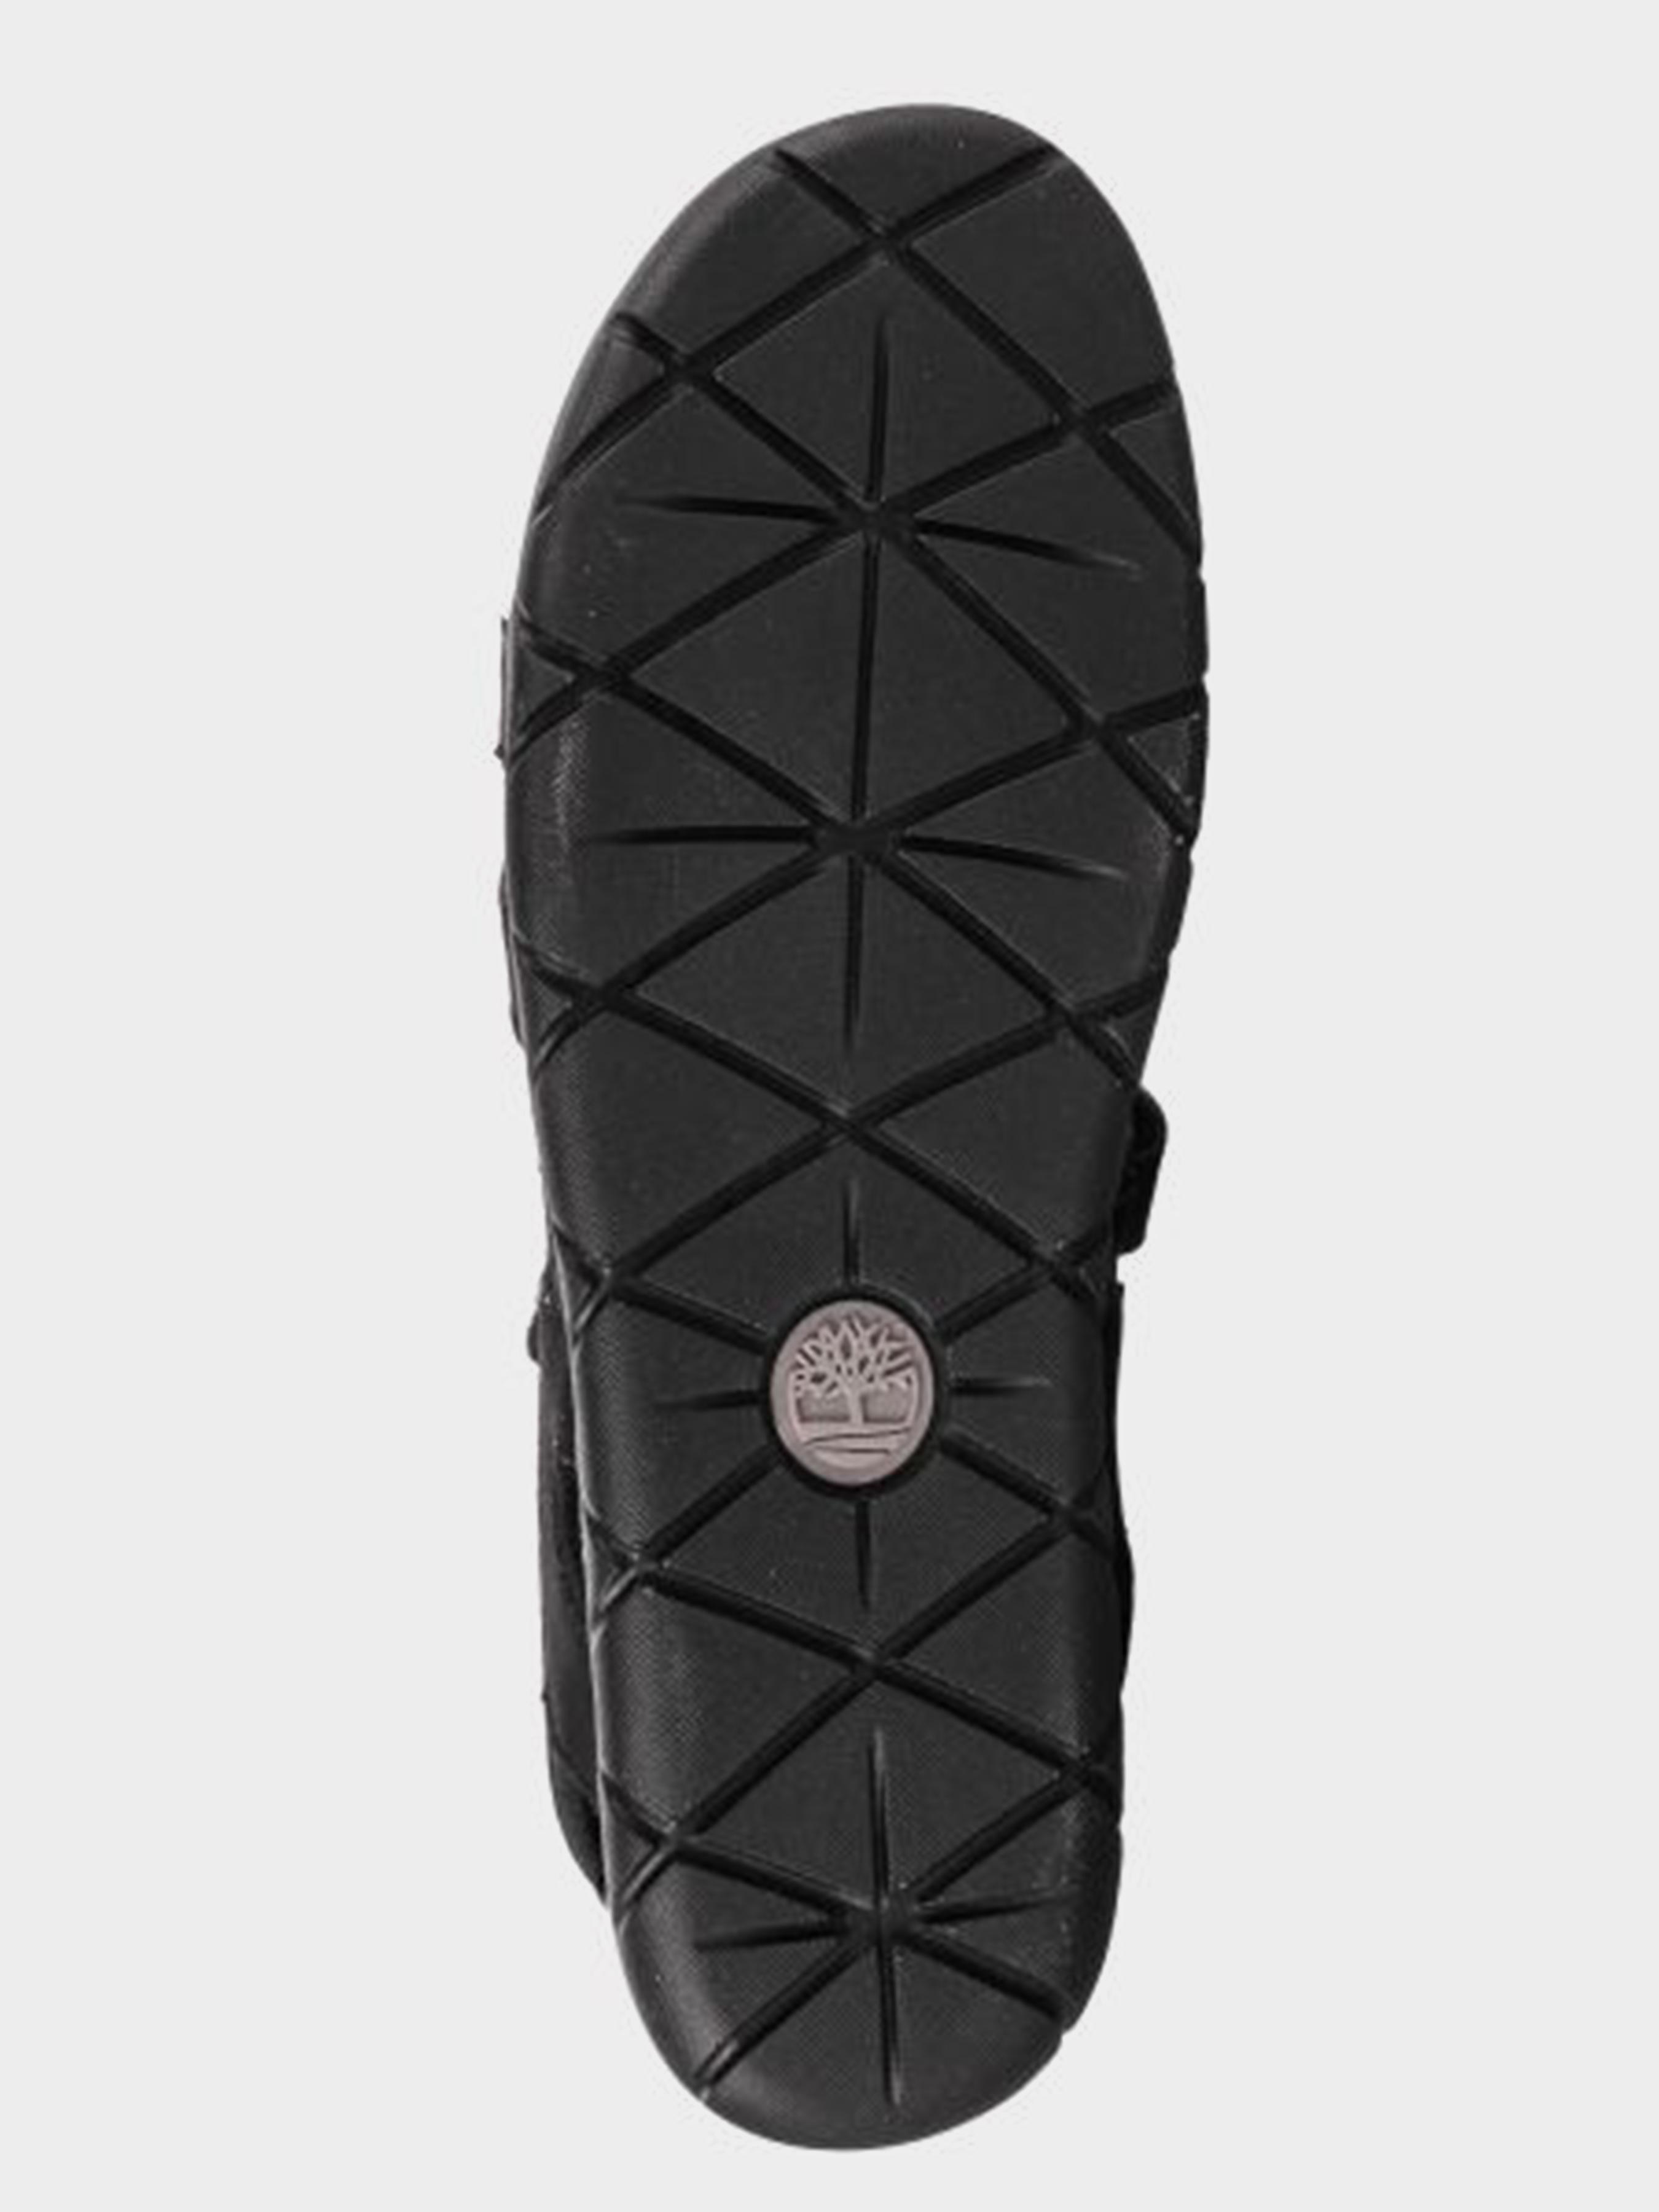 Сандалии для детей Timberland TB0A1QY2001 купить обувь, 2017